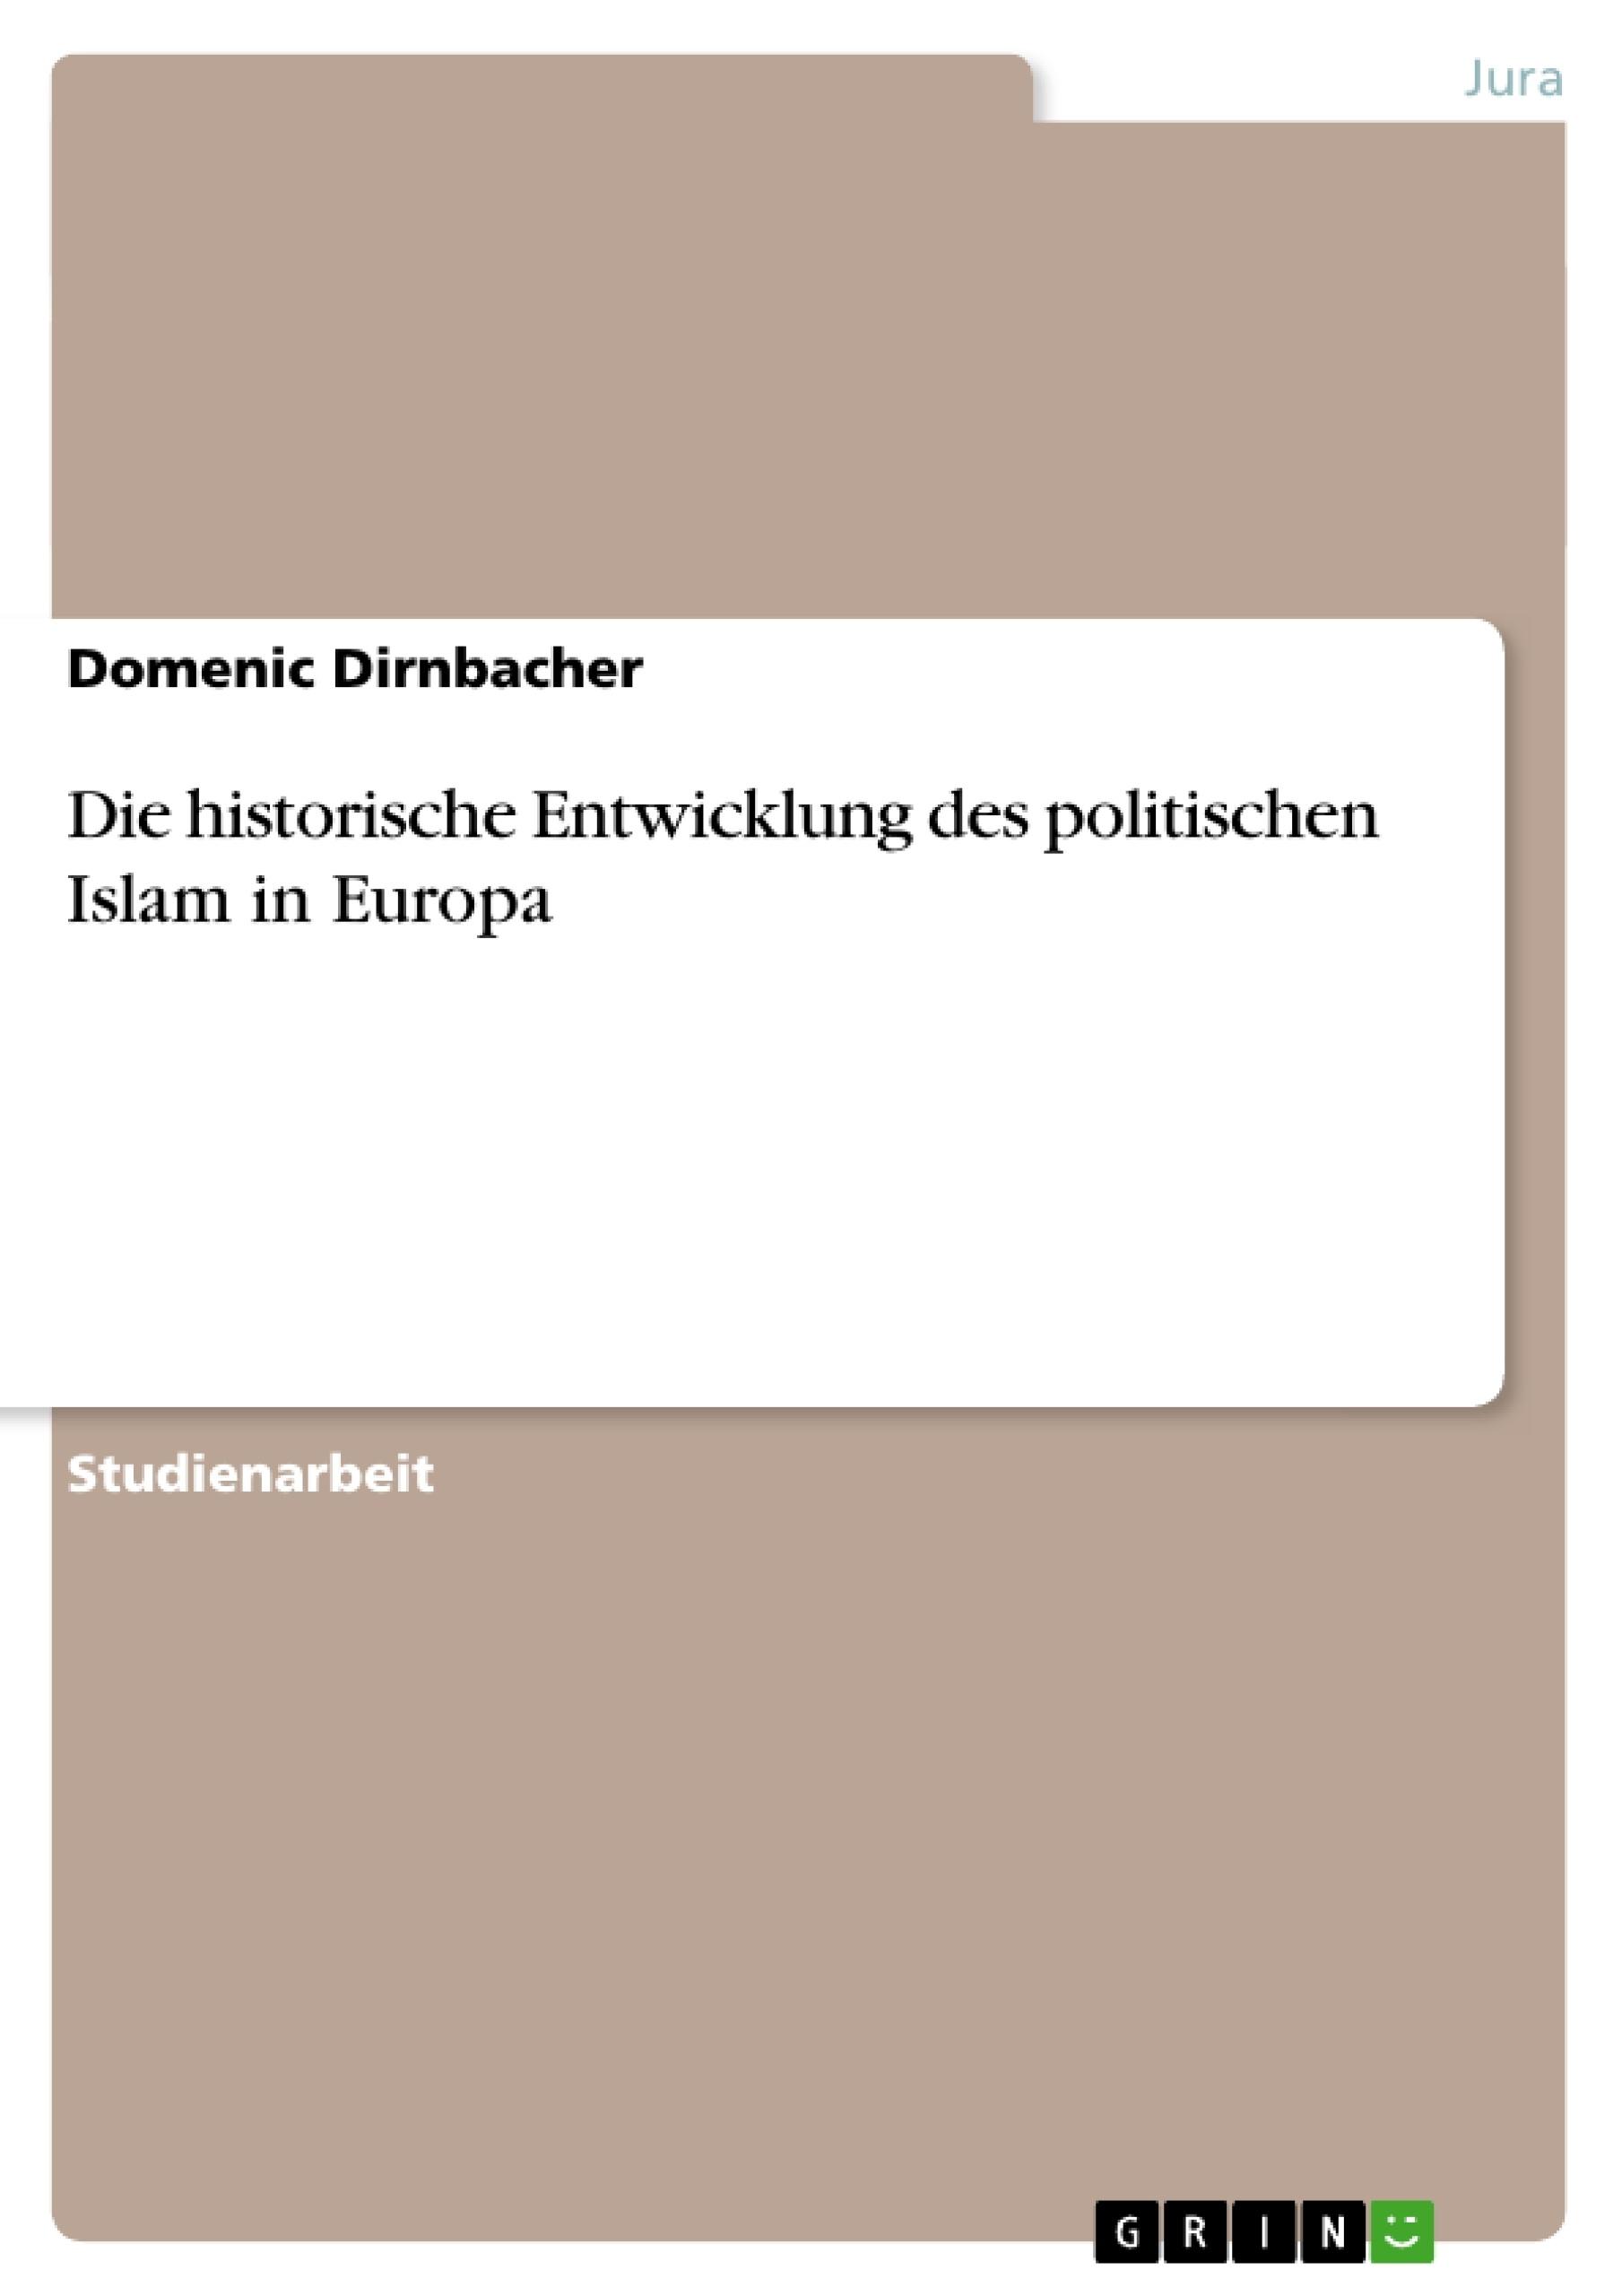 Titel: Die historische Entwicklung des politischen Islam in Europa